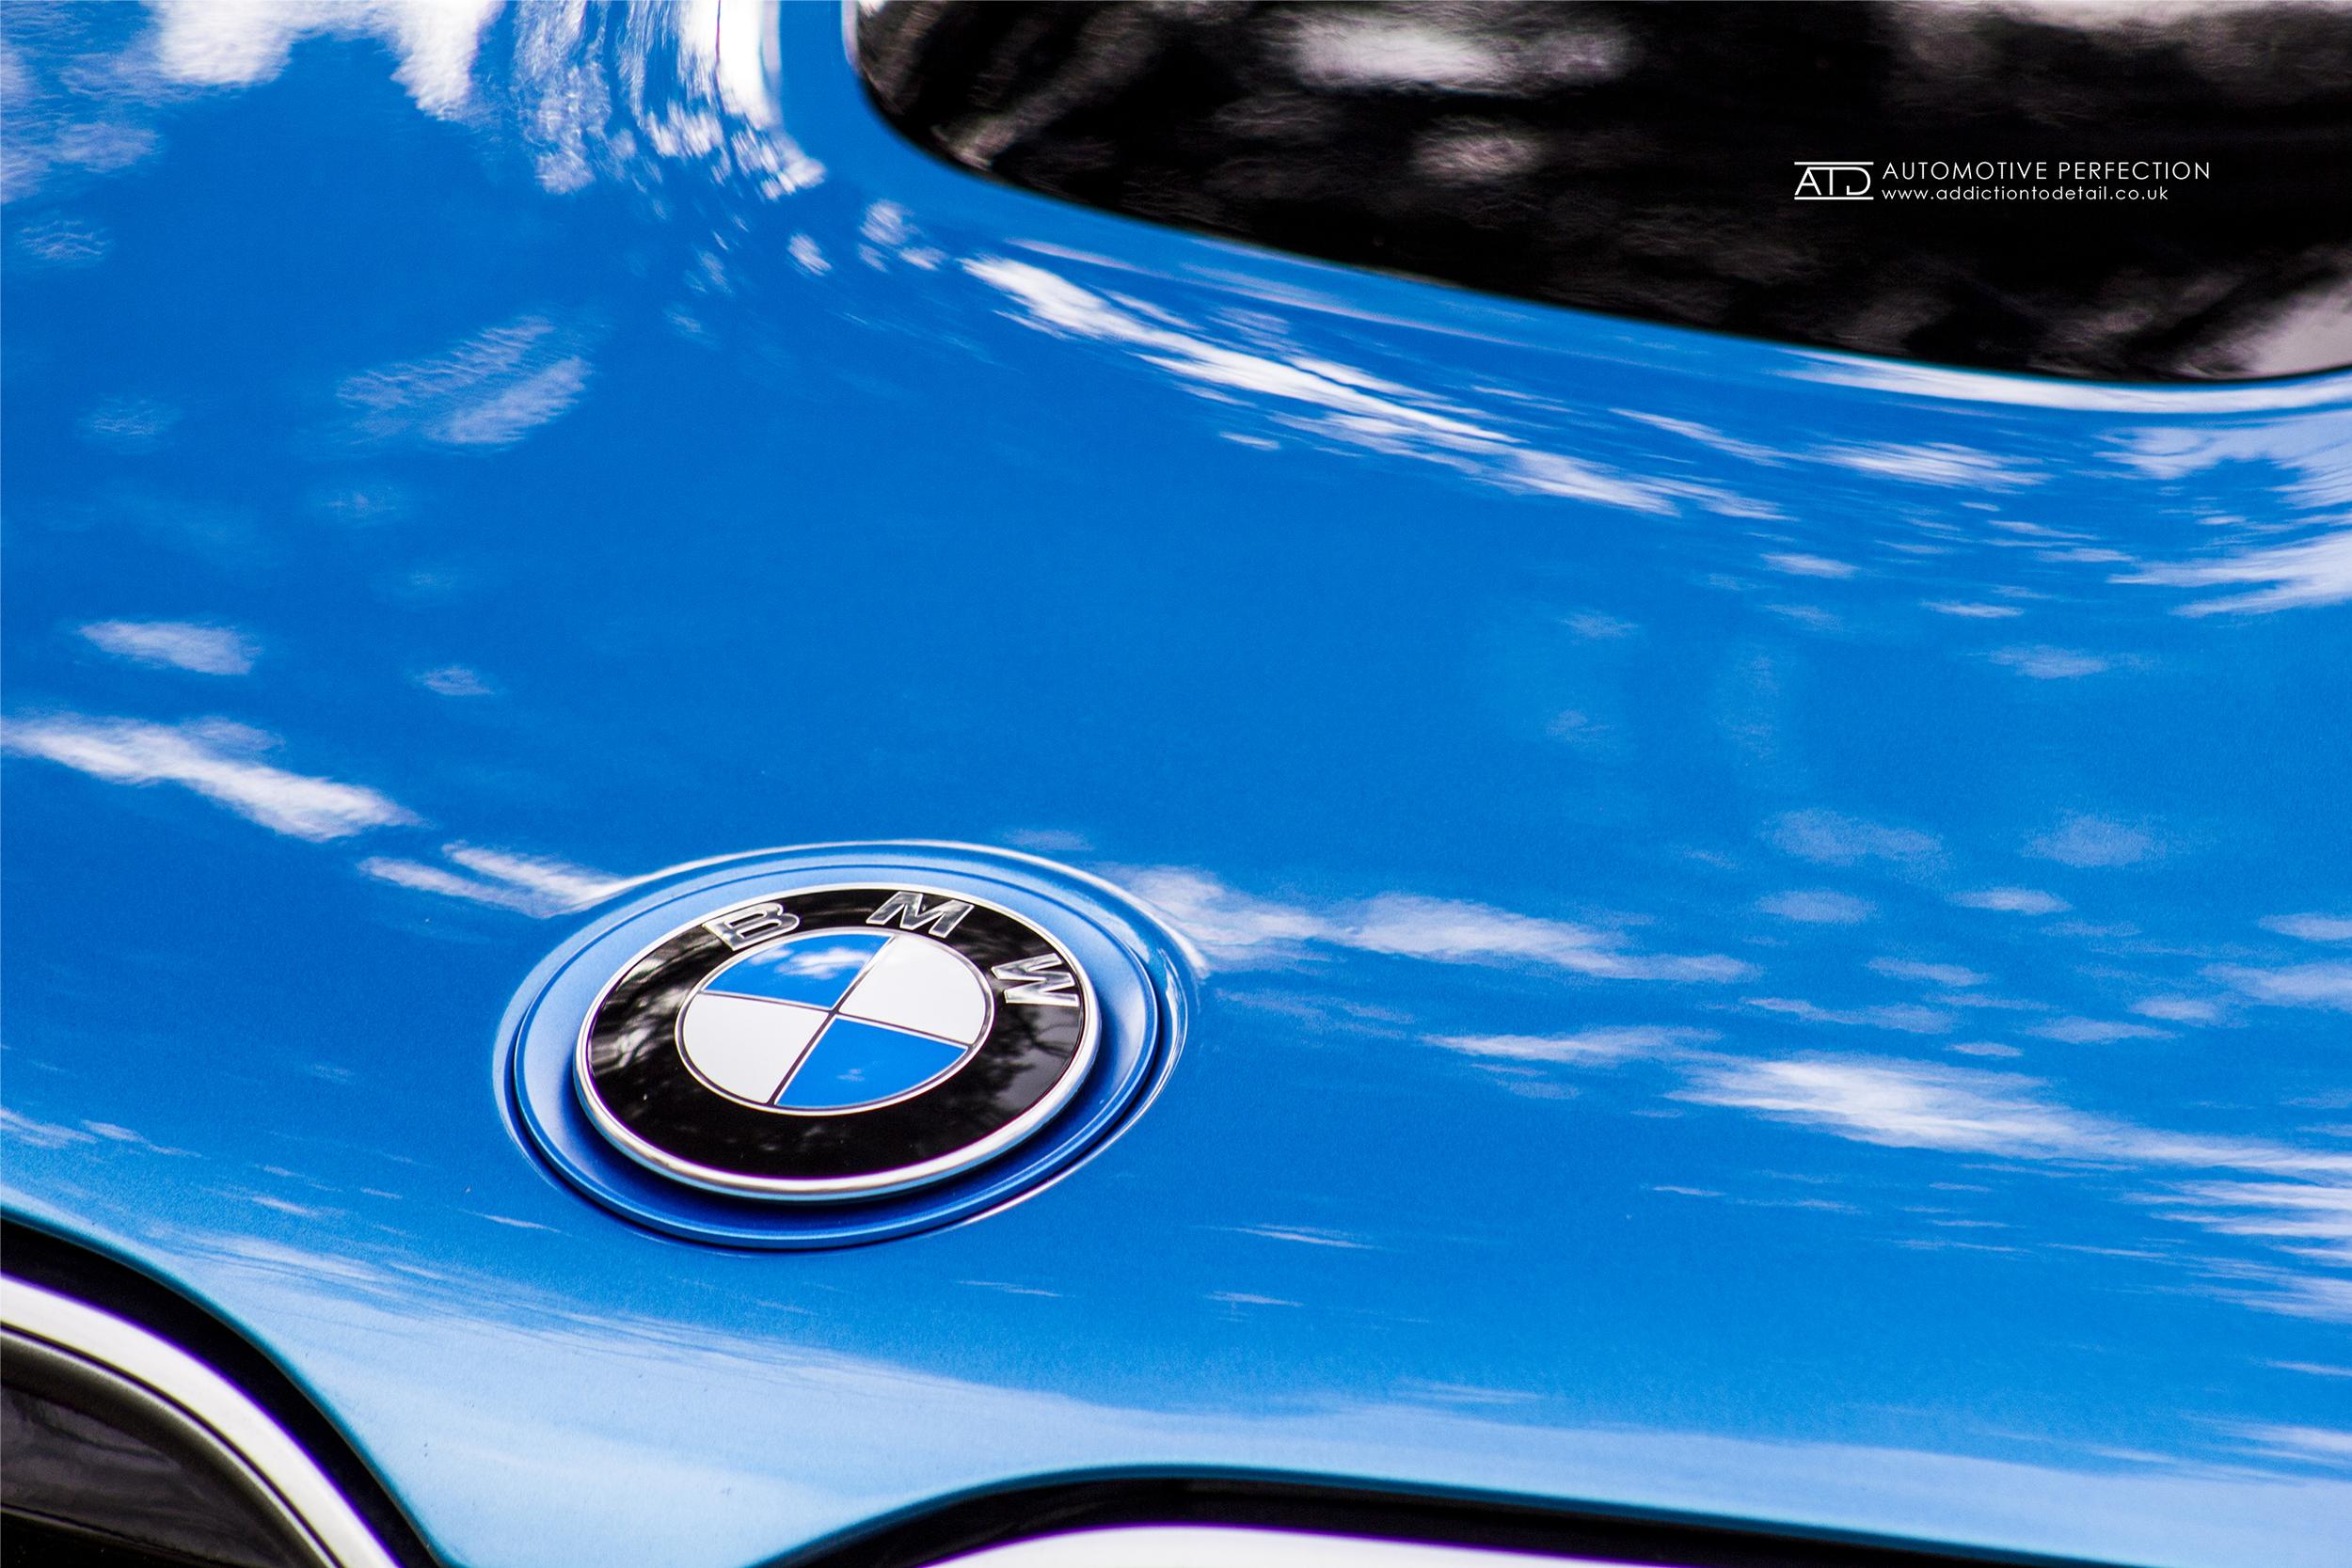 i8_Photoshoot__0000_Image_014.jpg